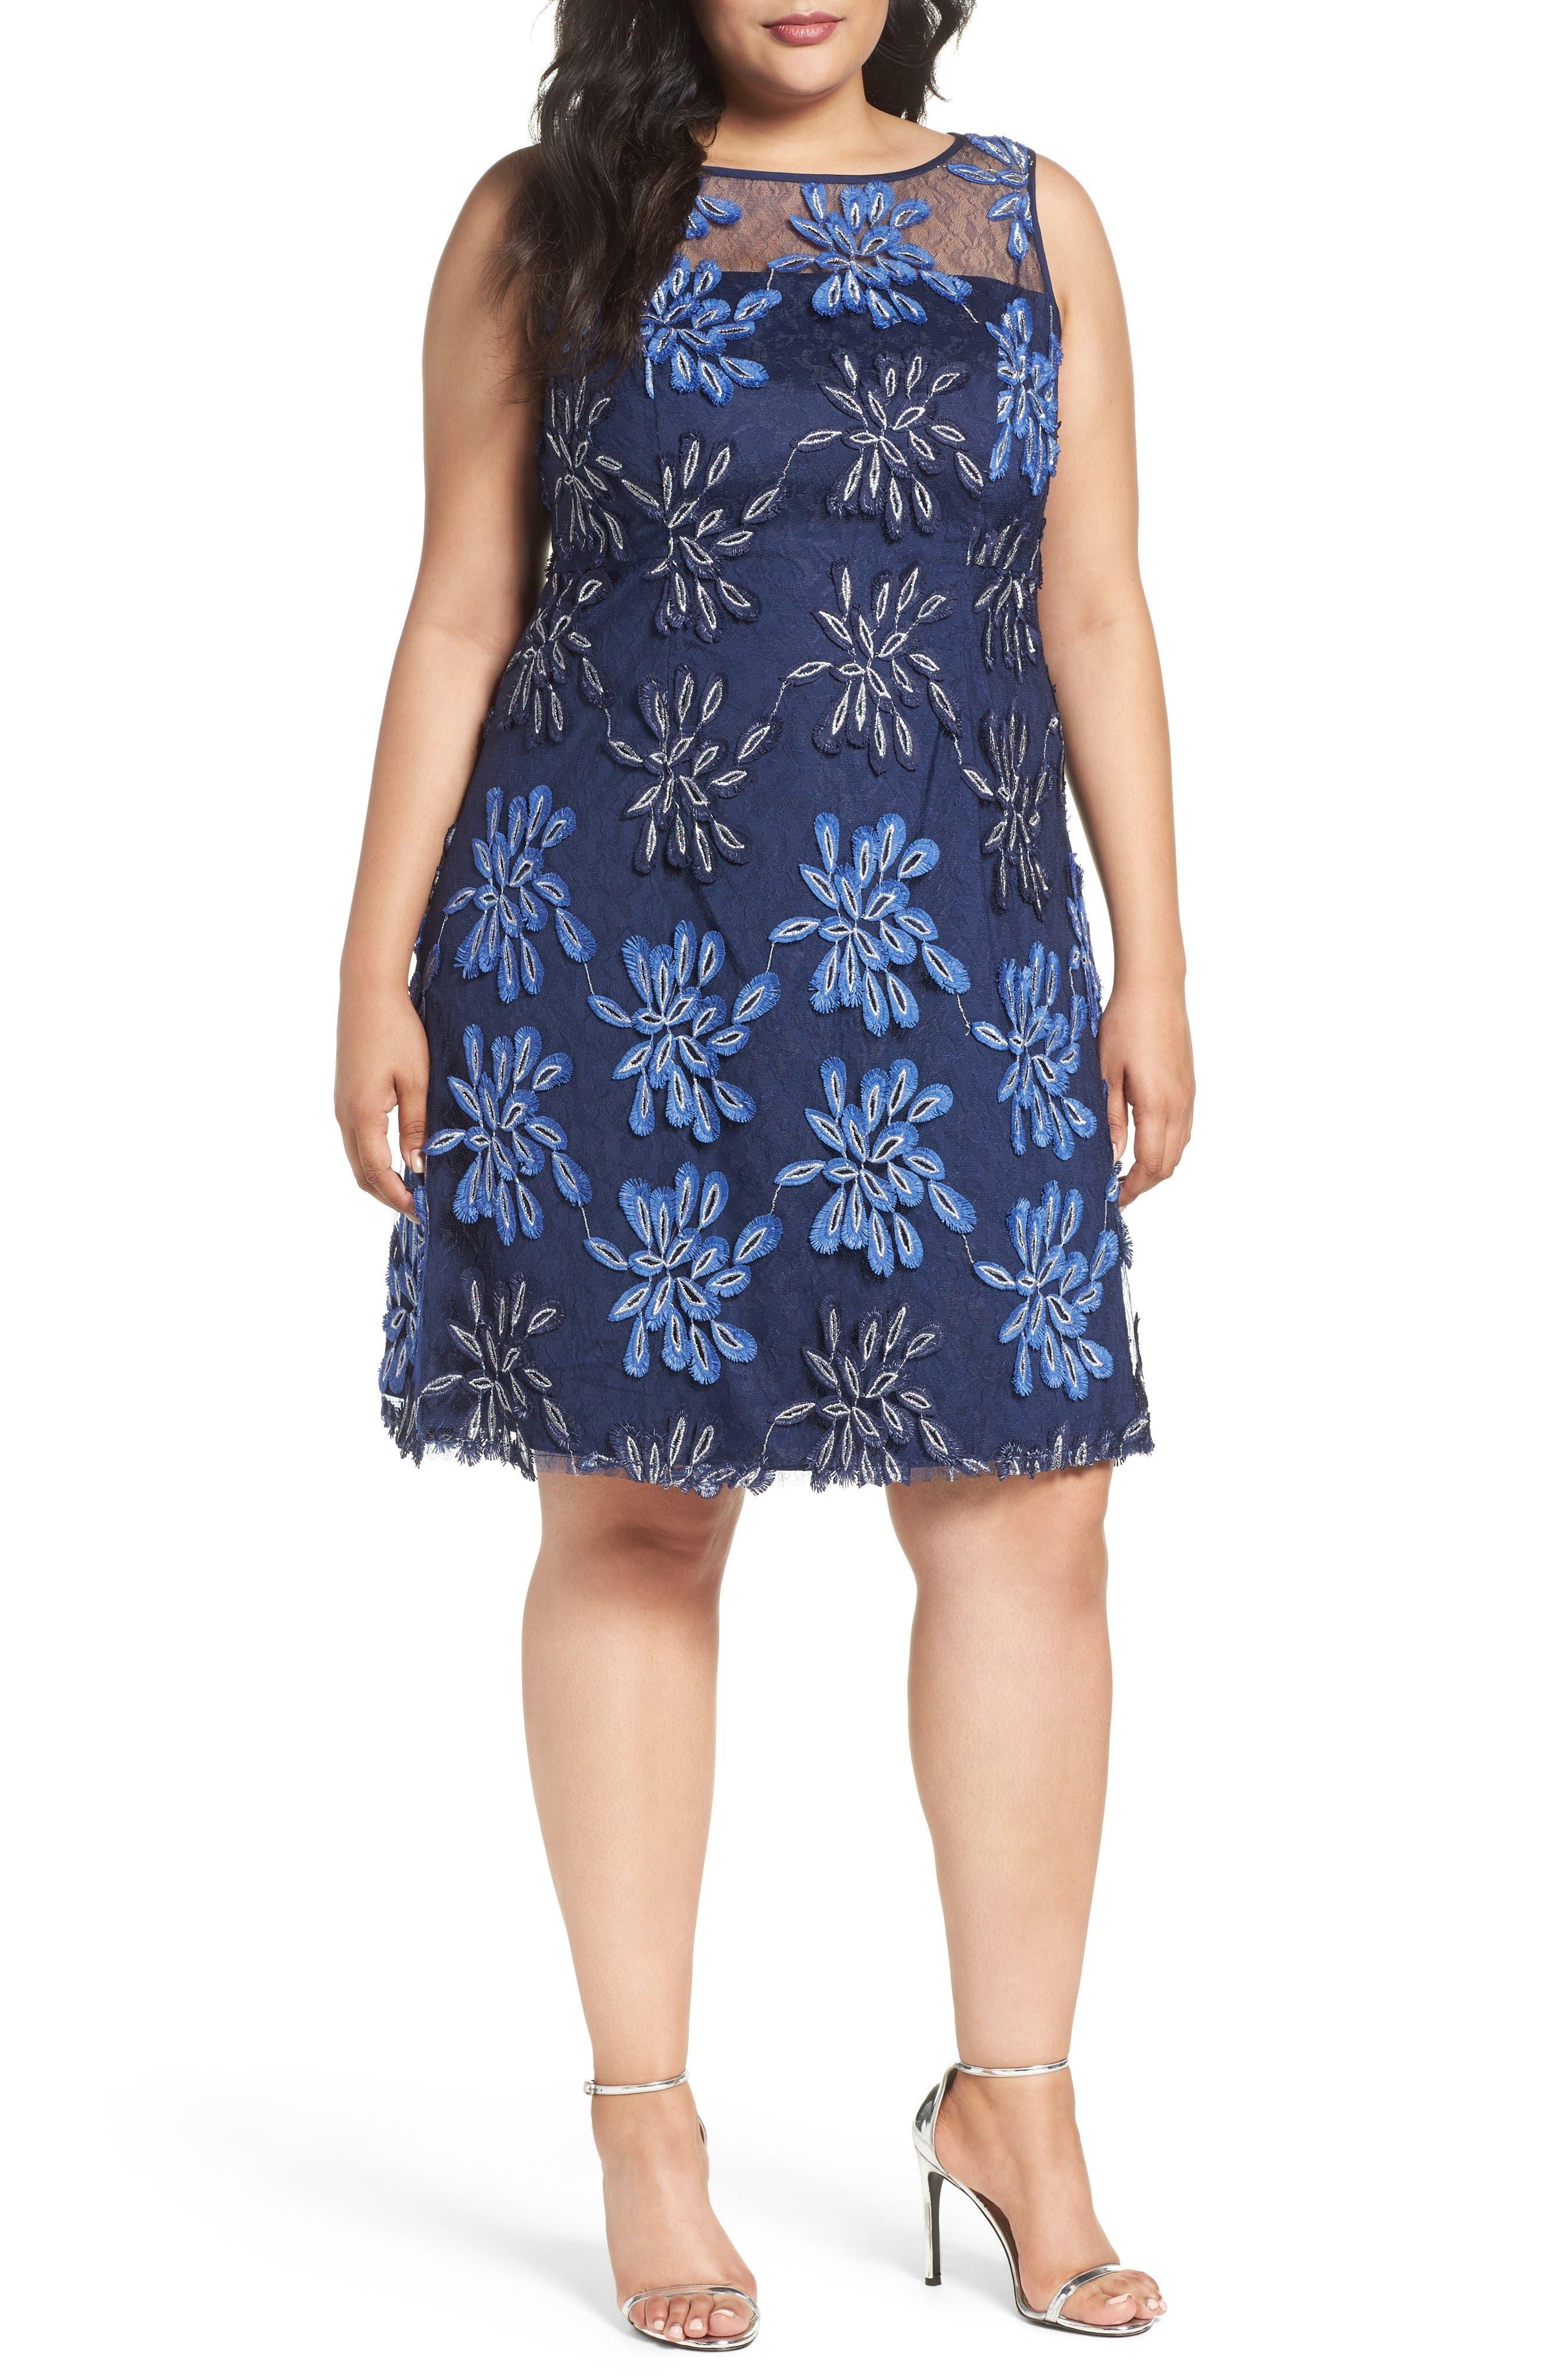 Adrianna Papell Appliqué Lace A-Line Dress (Plus Size)